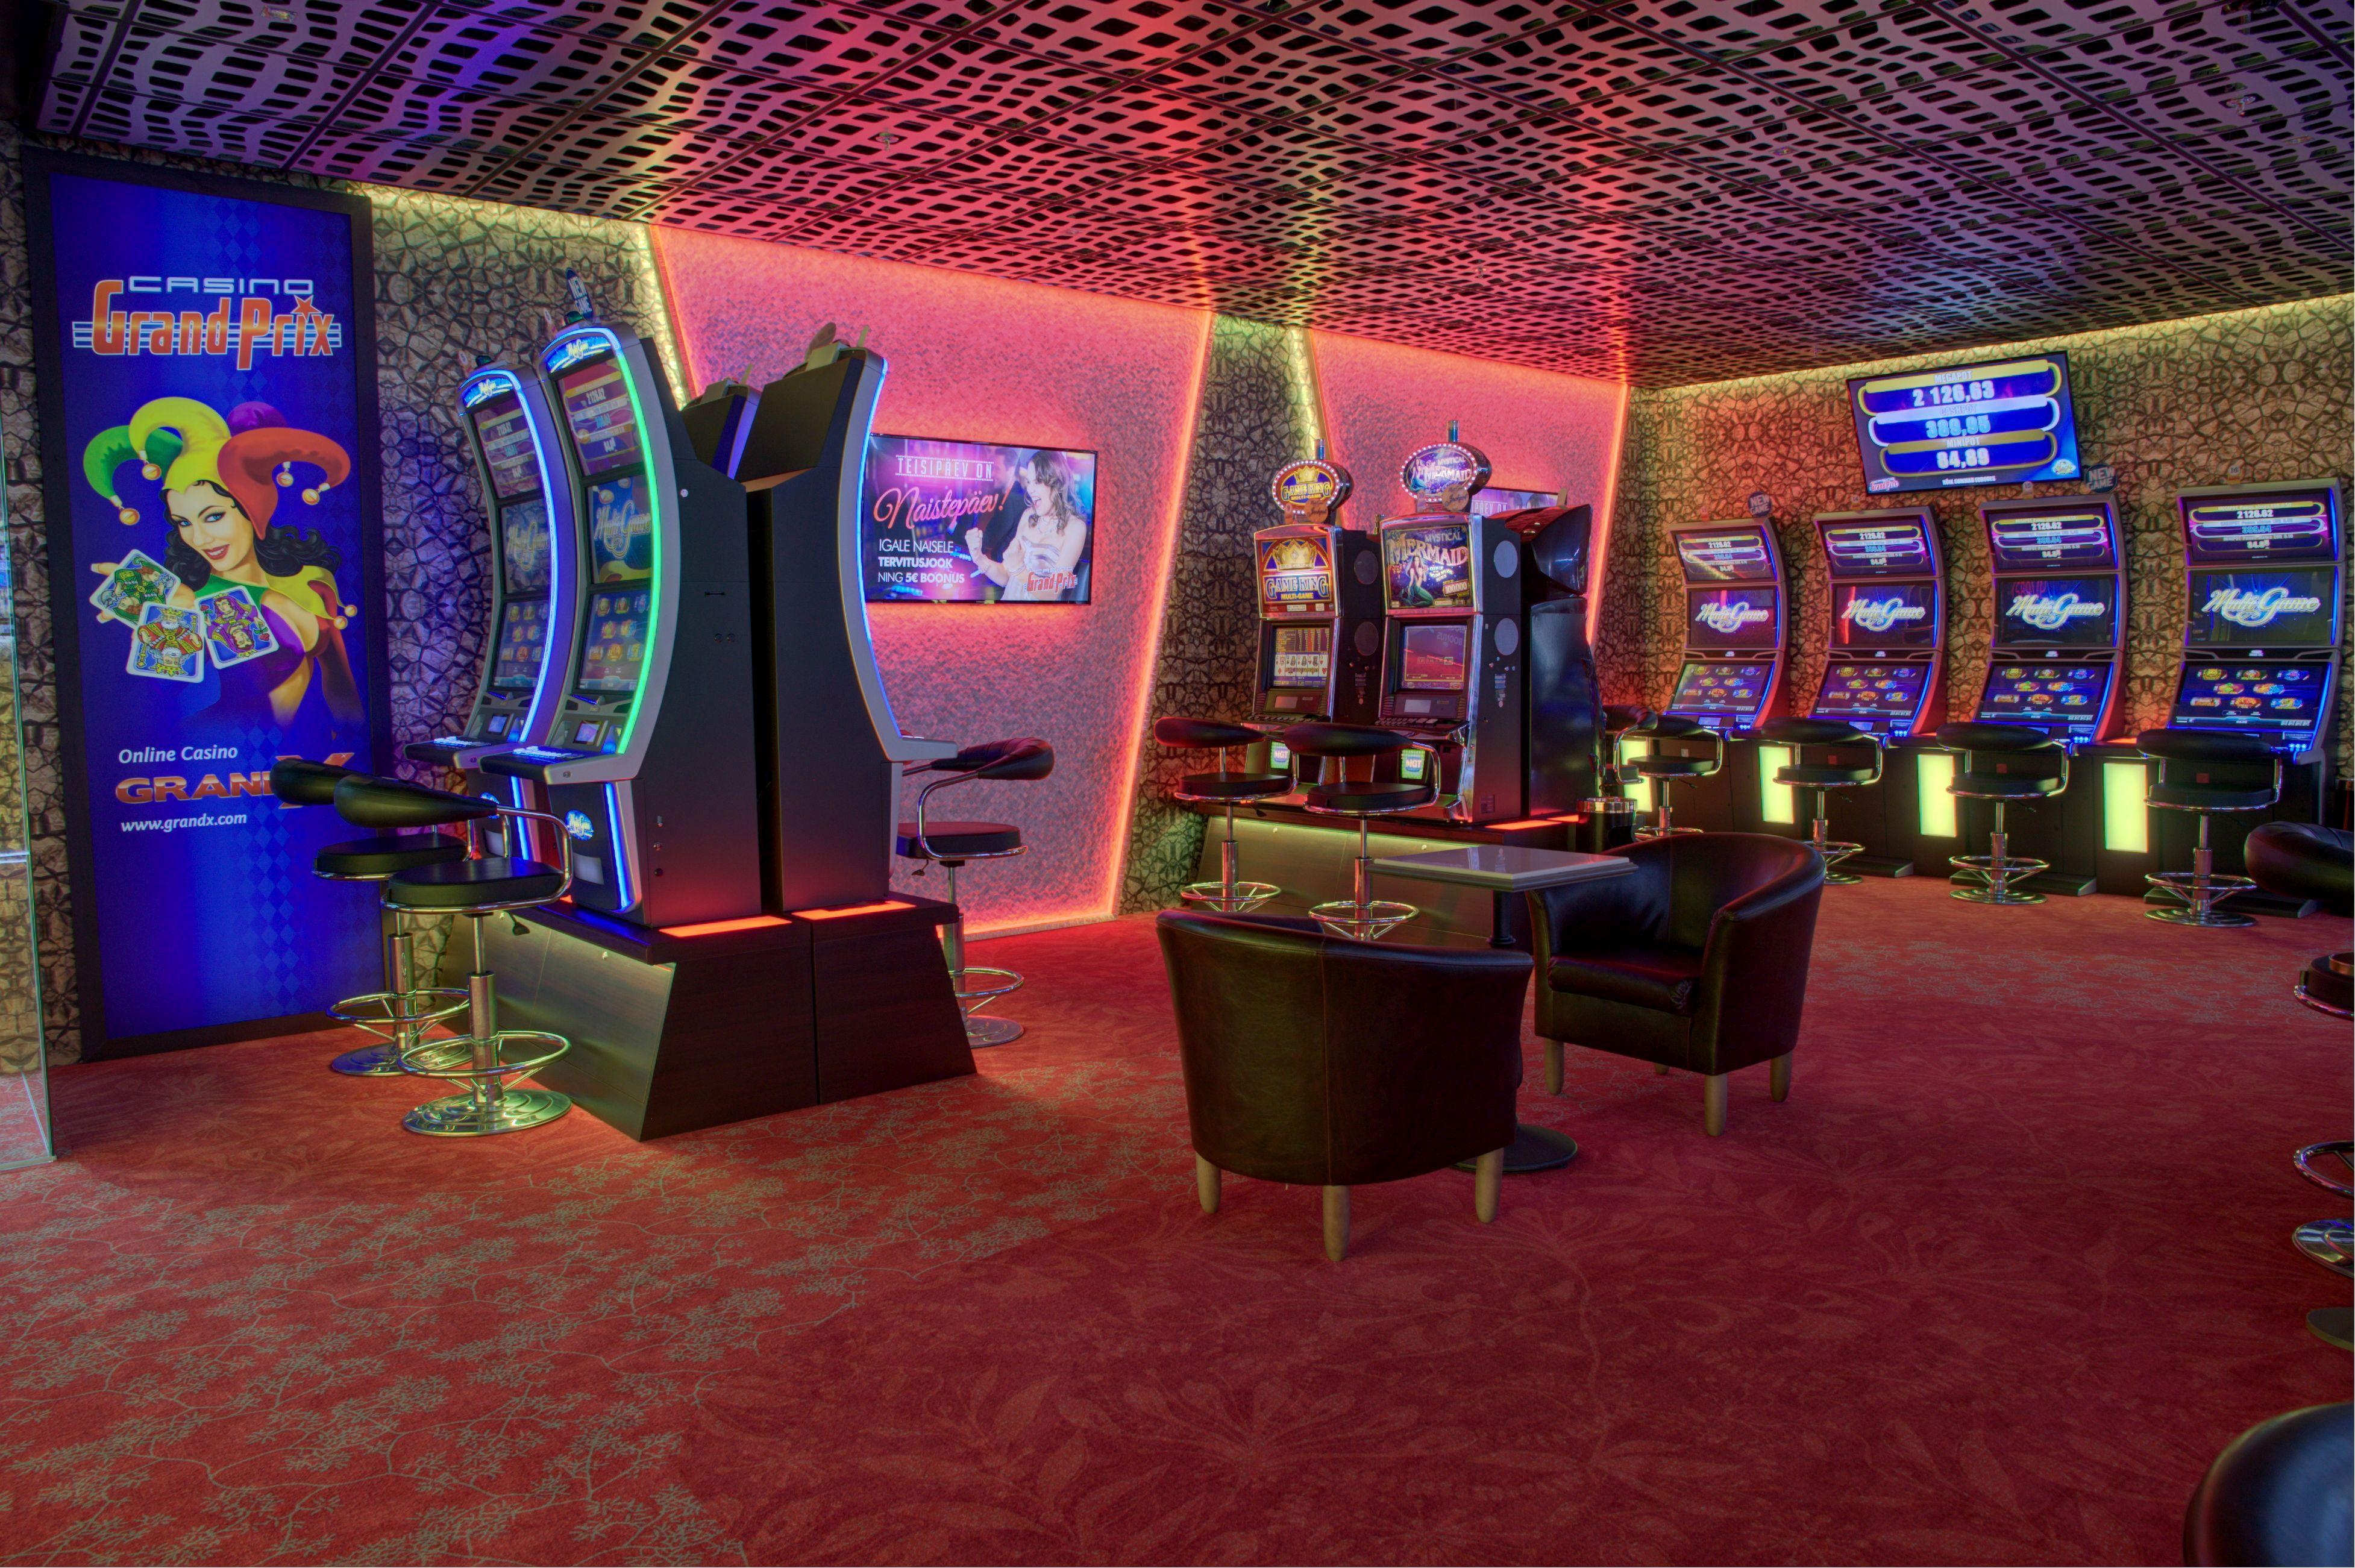 Які казино в Таллінні закриваються після нового року Золотий палац казино робочих місць